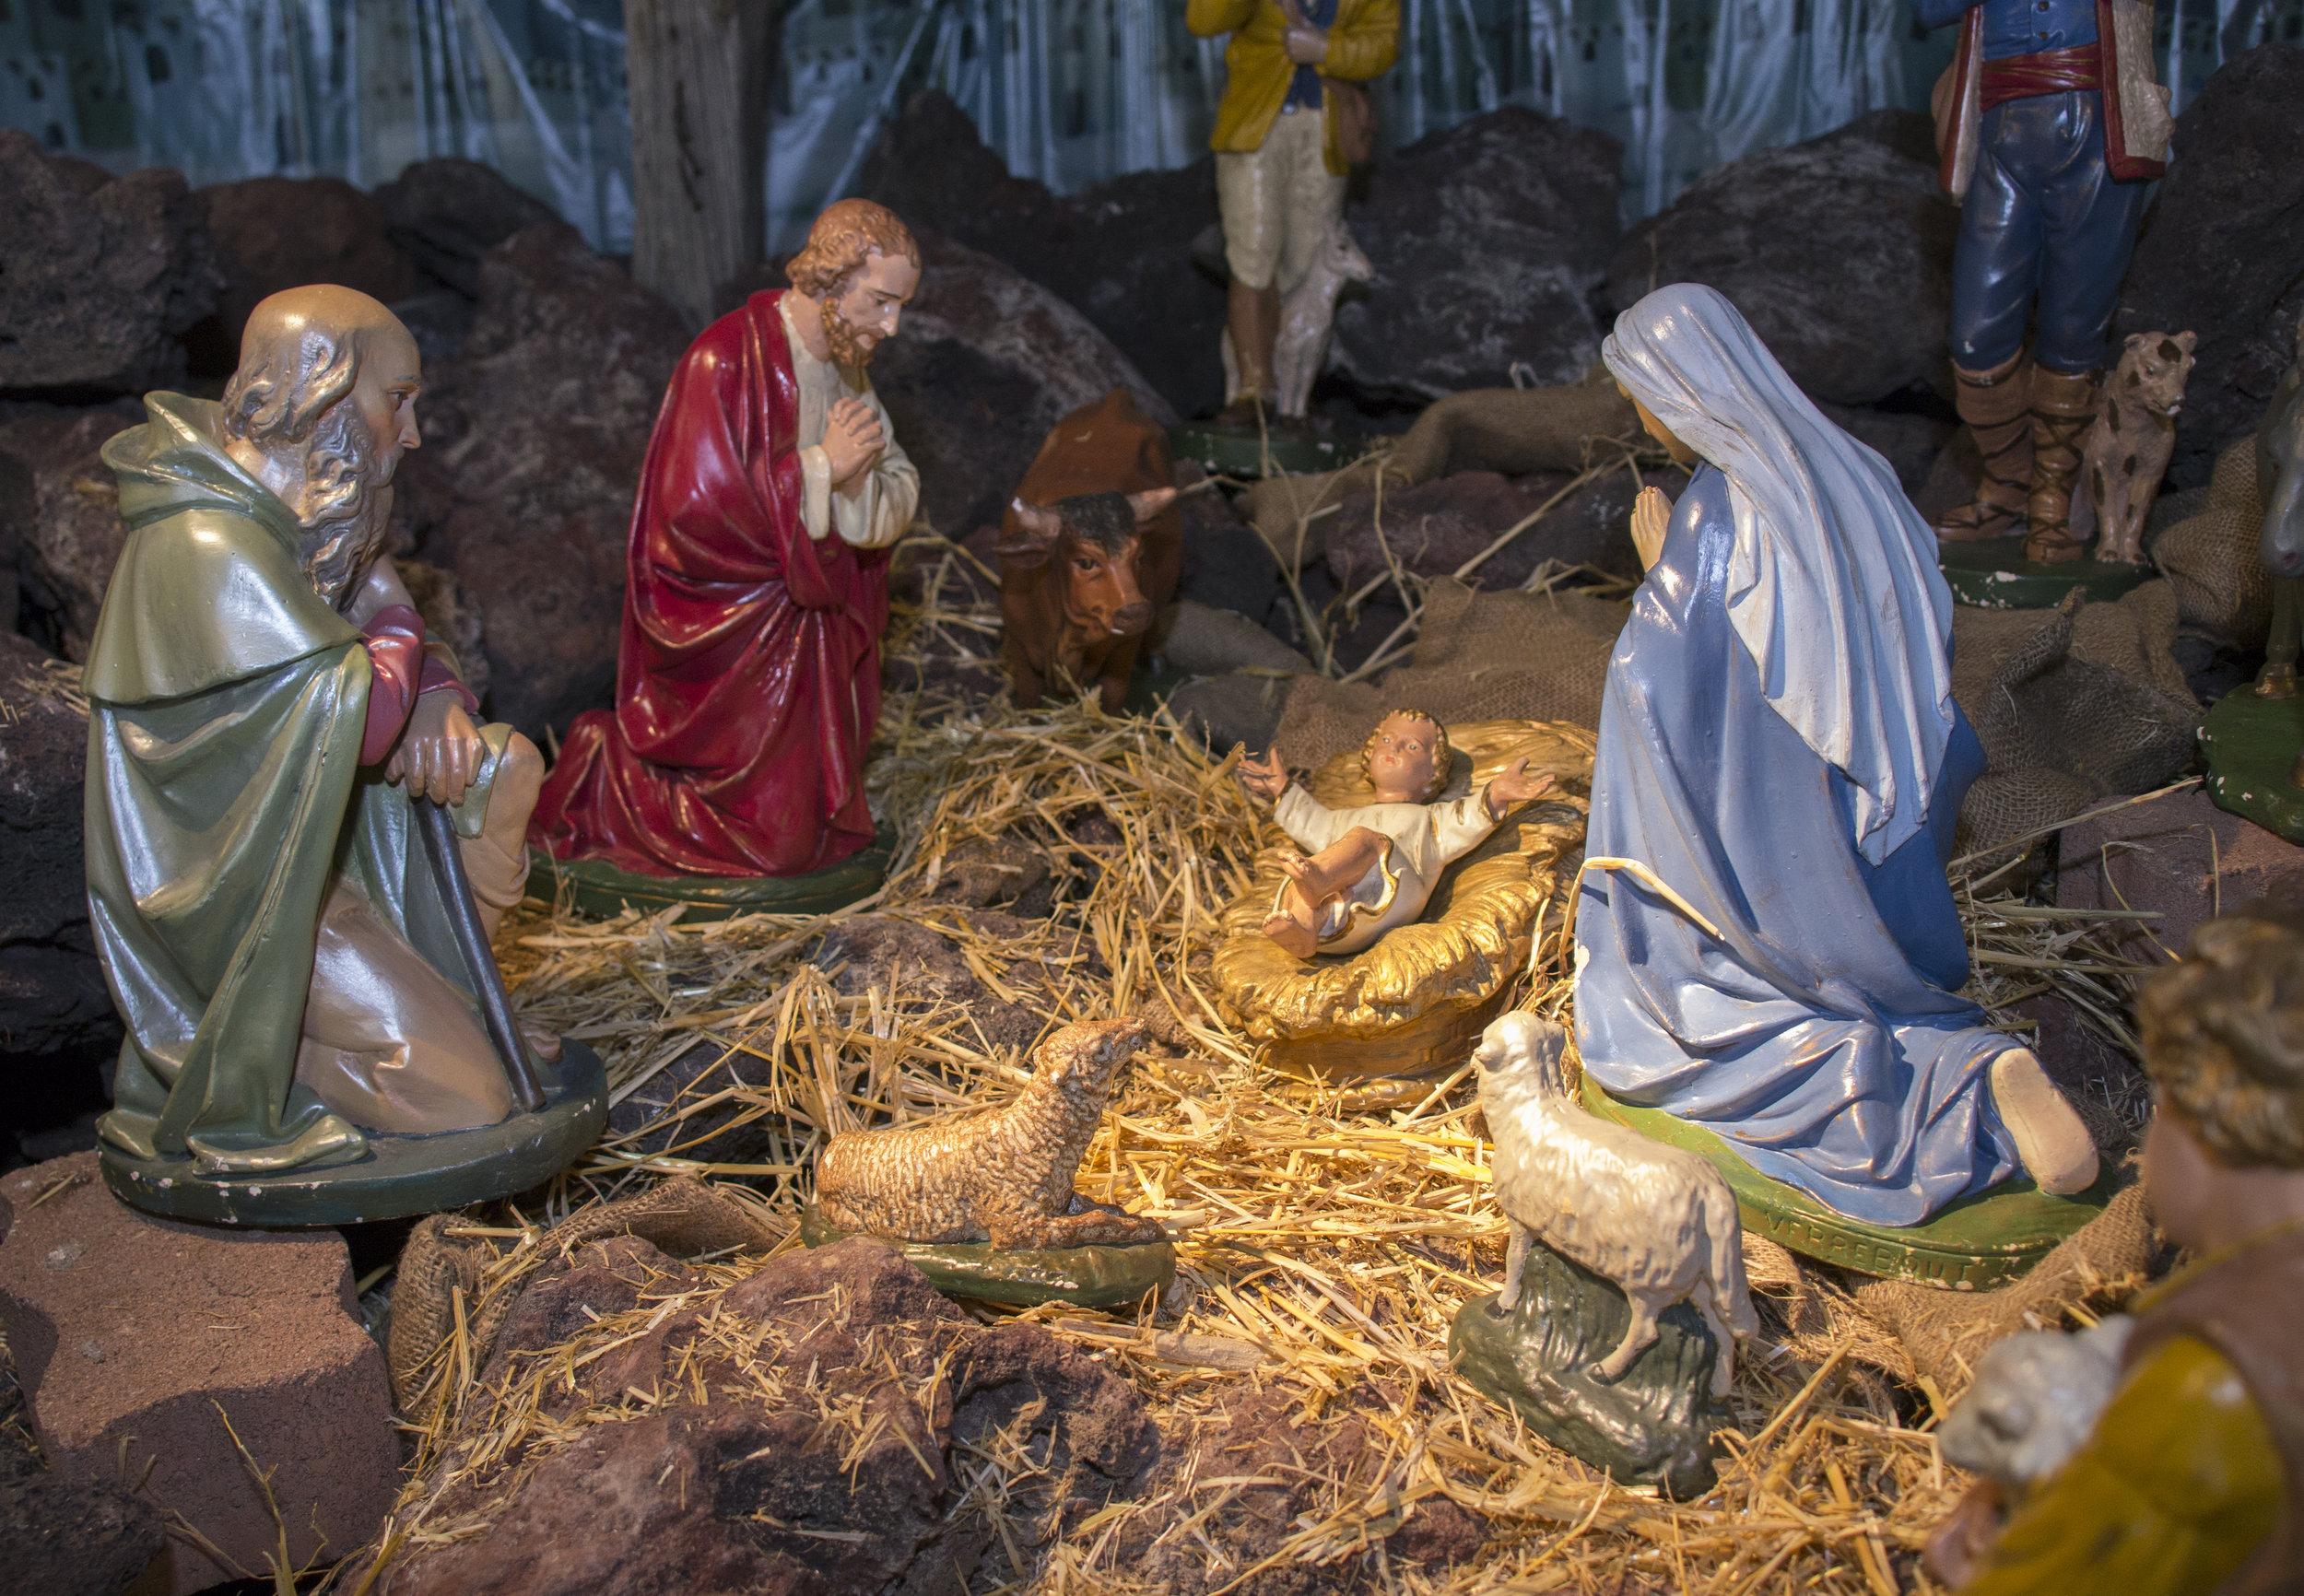 Christmas Scene Baby Jesus Manger.jpg